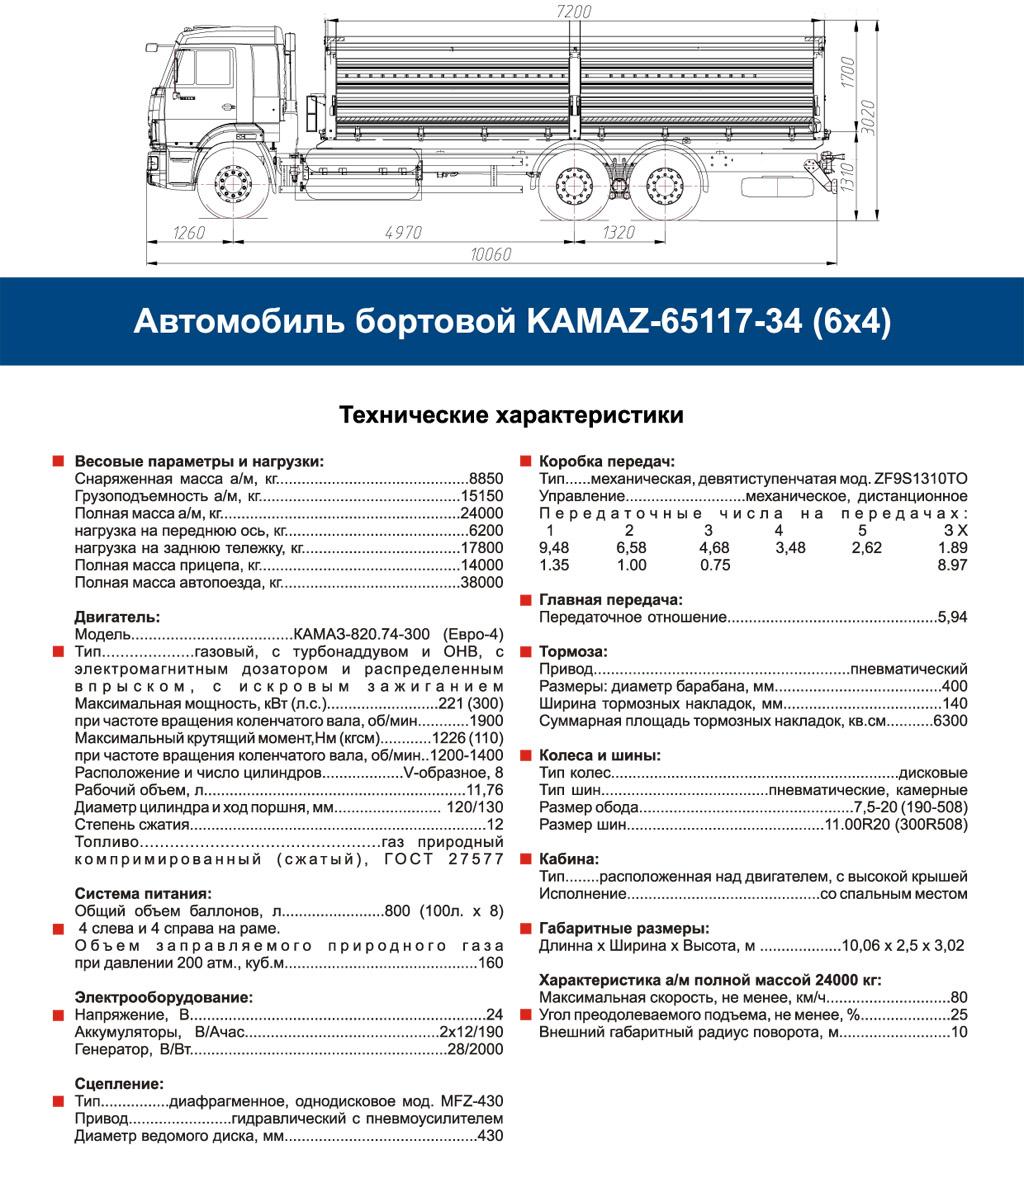 сколько весит камаз бортовой 5320 (Кировский район) снт